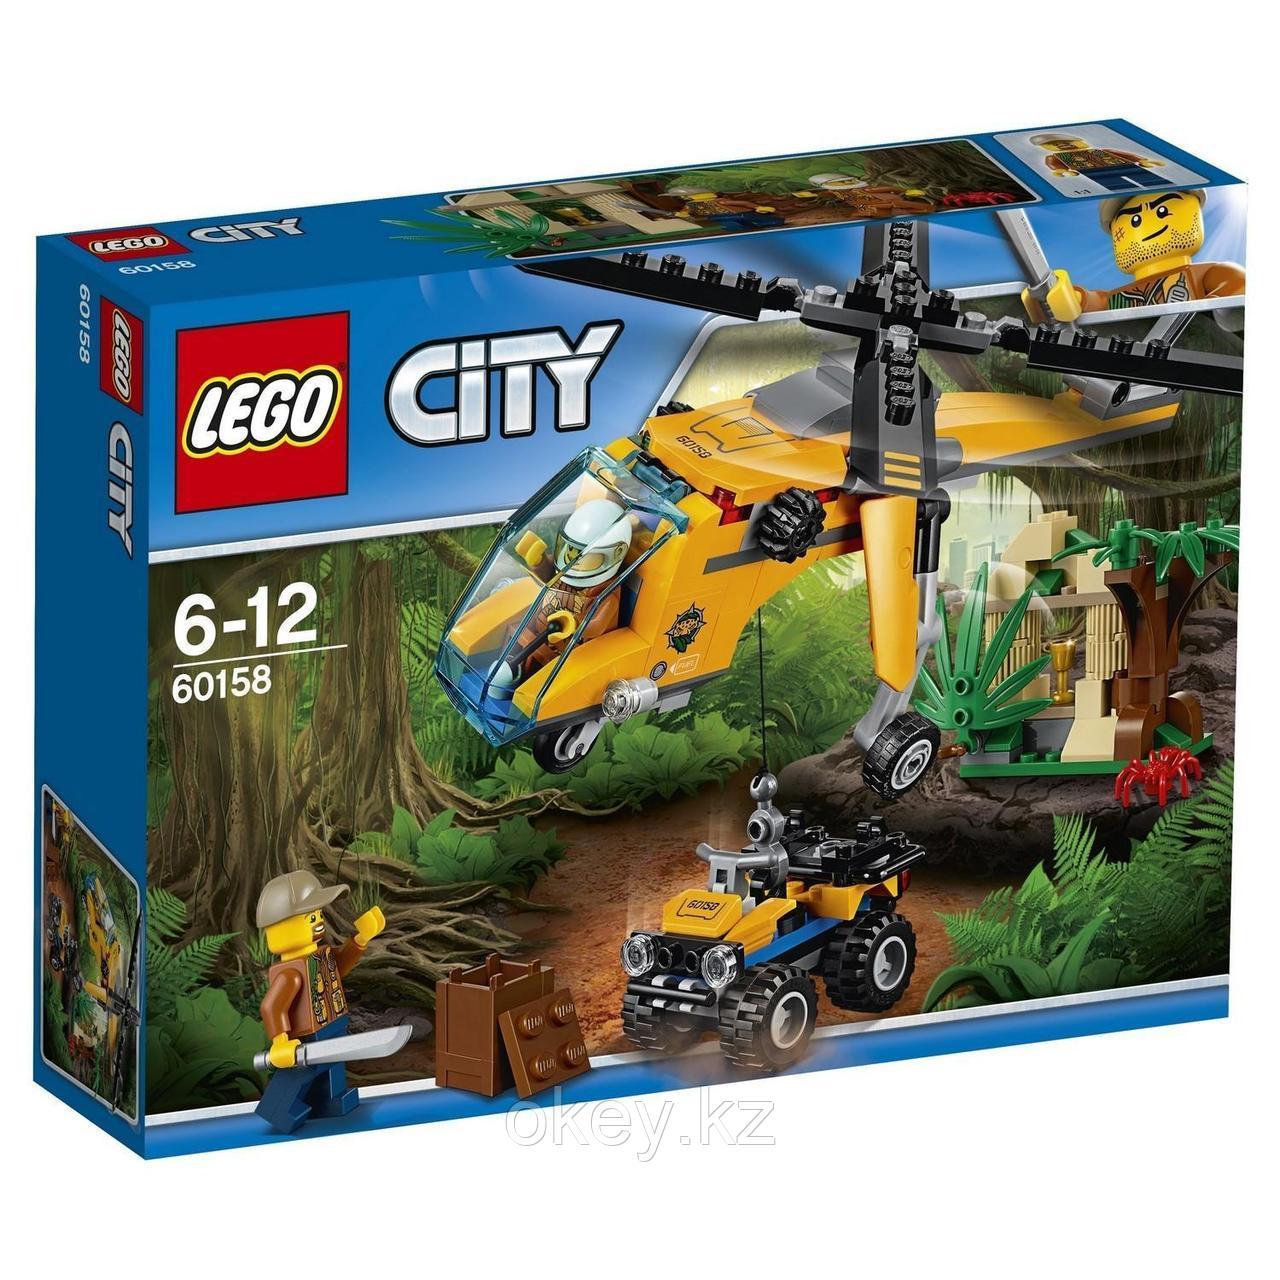 LEGO City: Грузовой вертолёт исследователей джунглей 60158